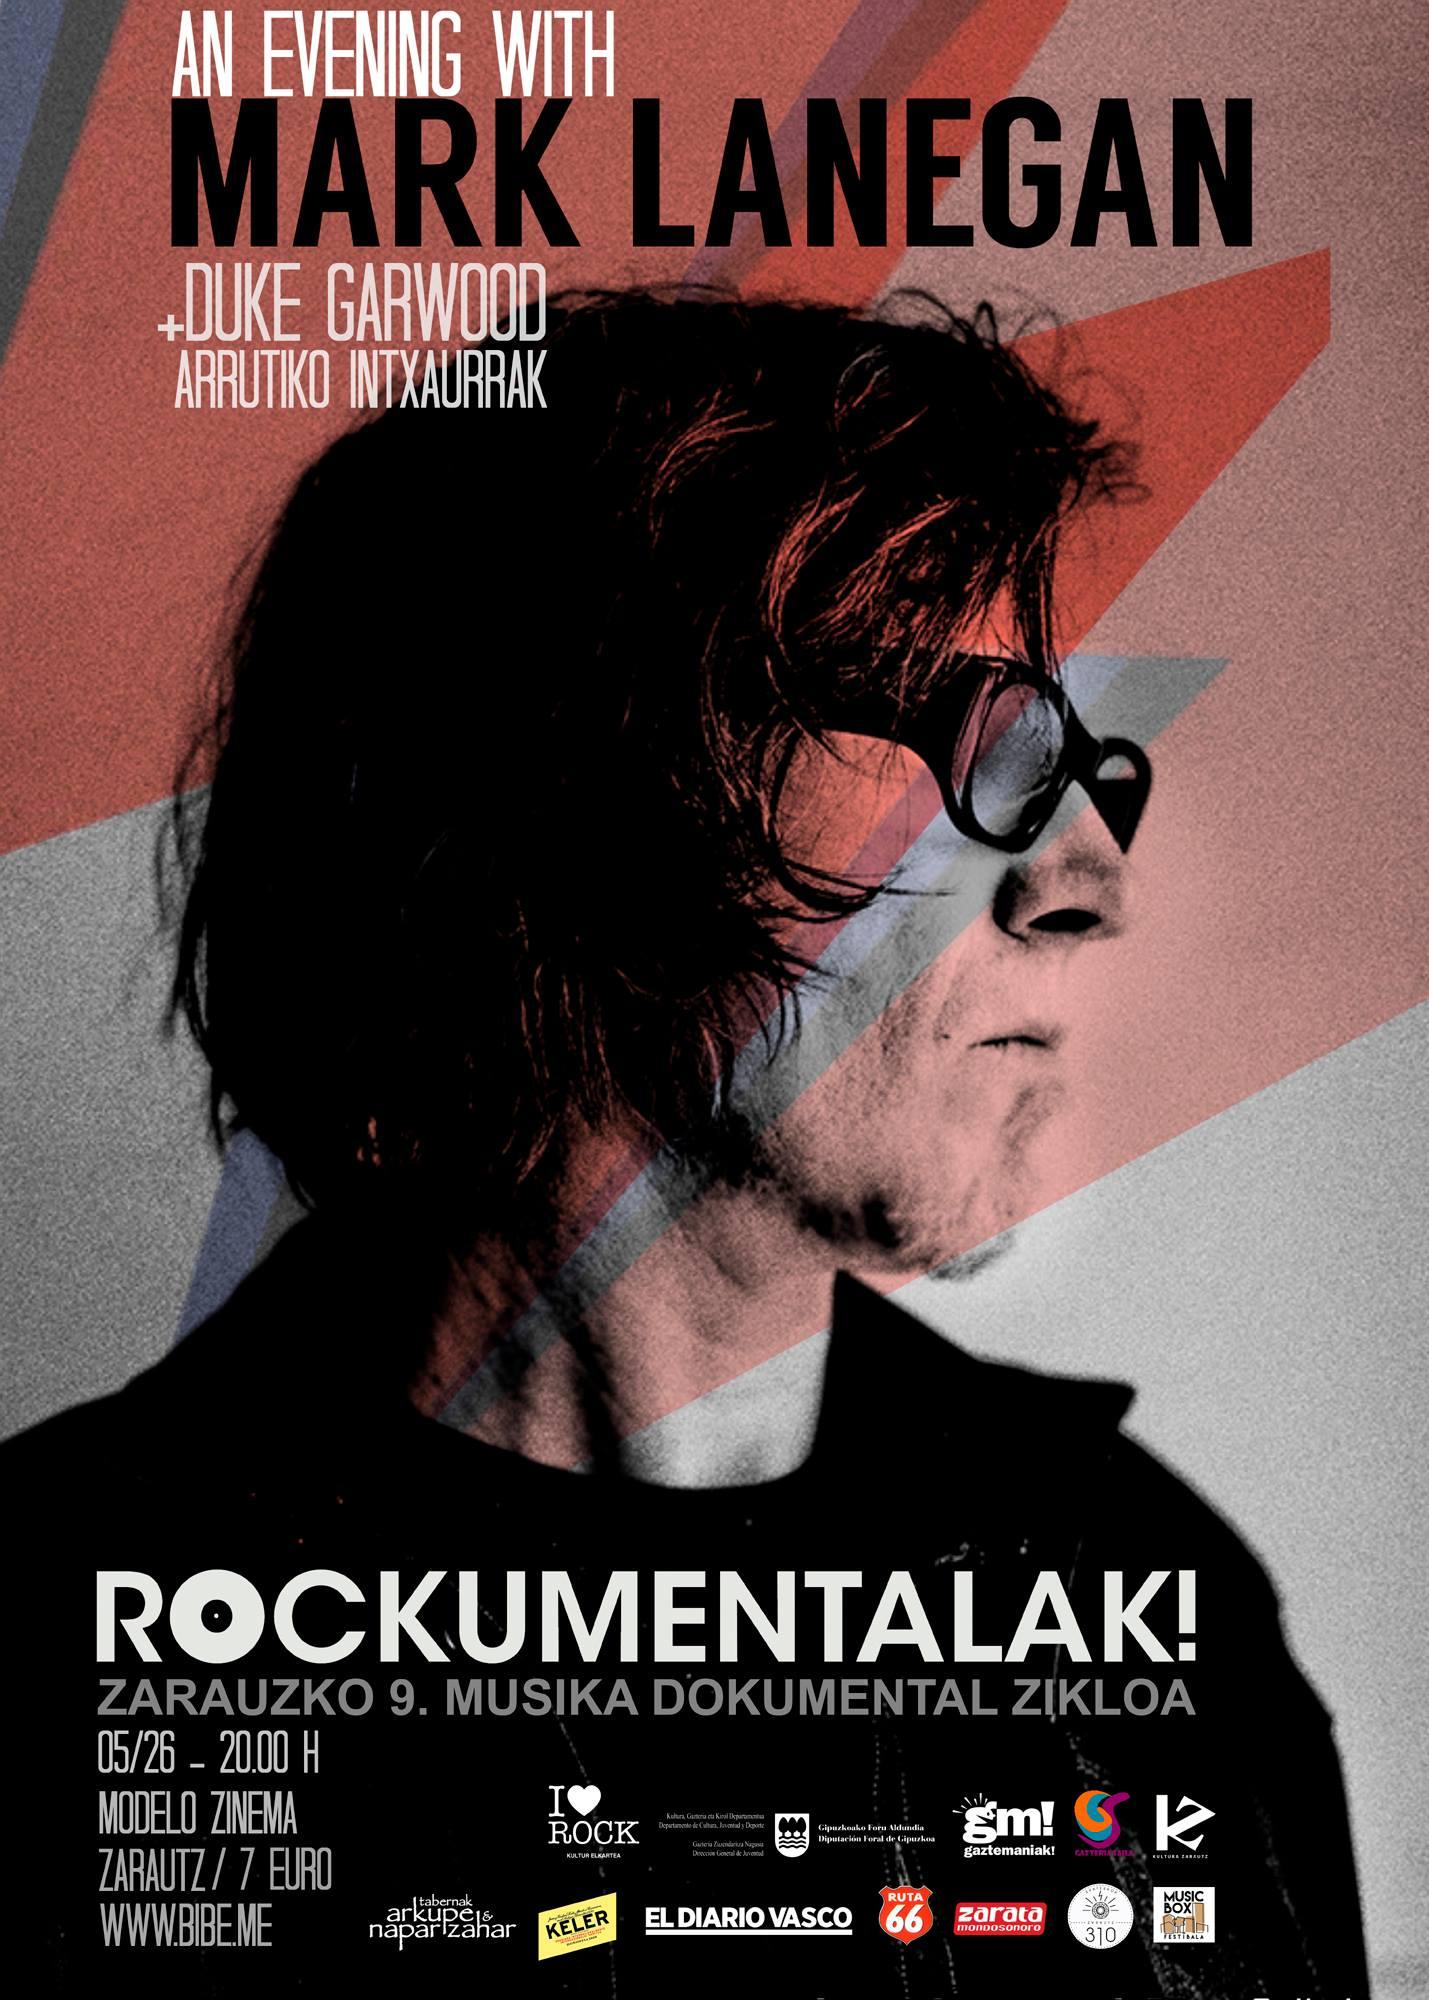 La voz inconfundible de Mark Lanegan abrirá Rockumentalak! 2016